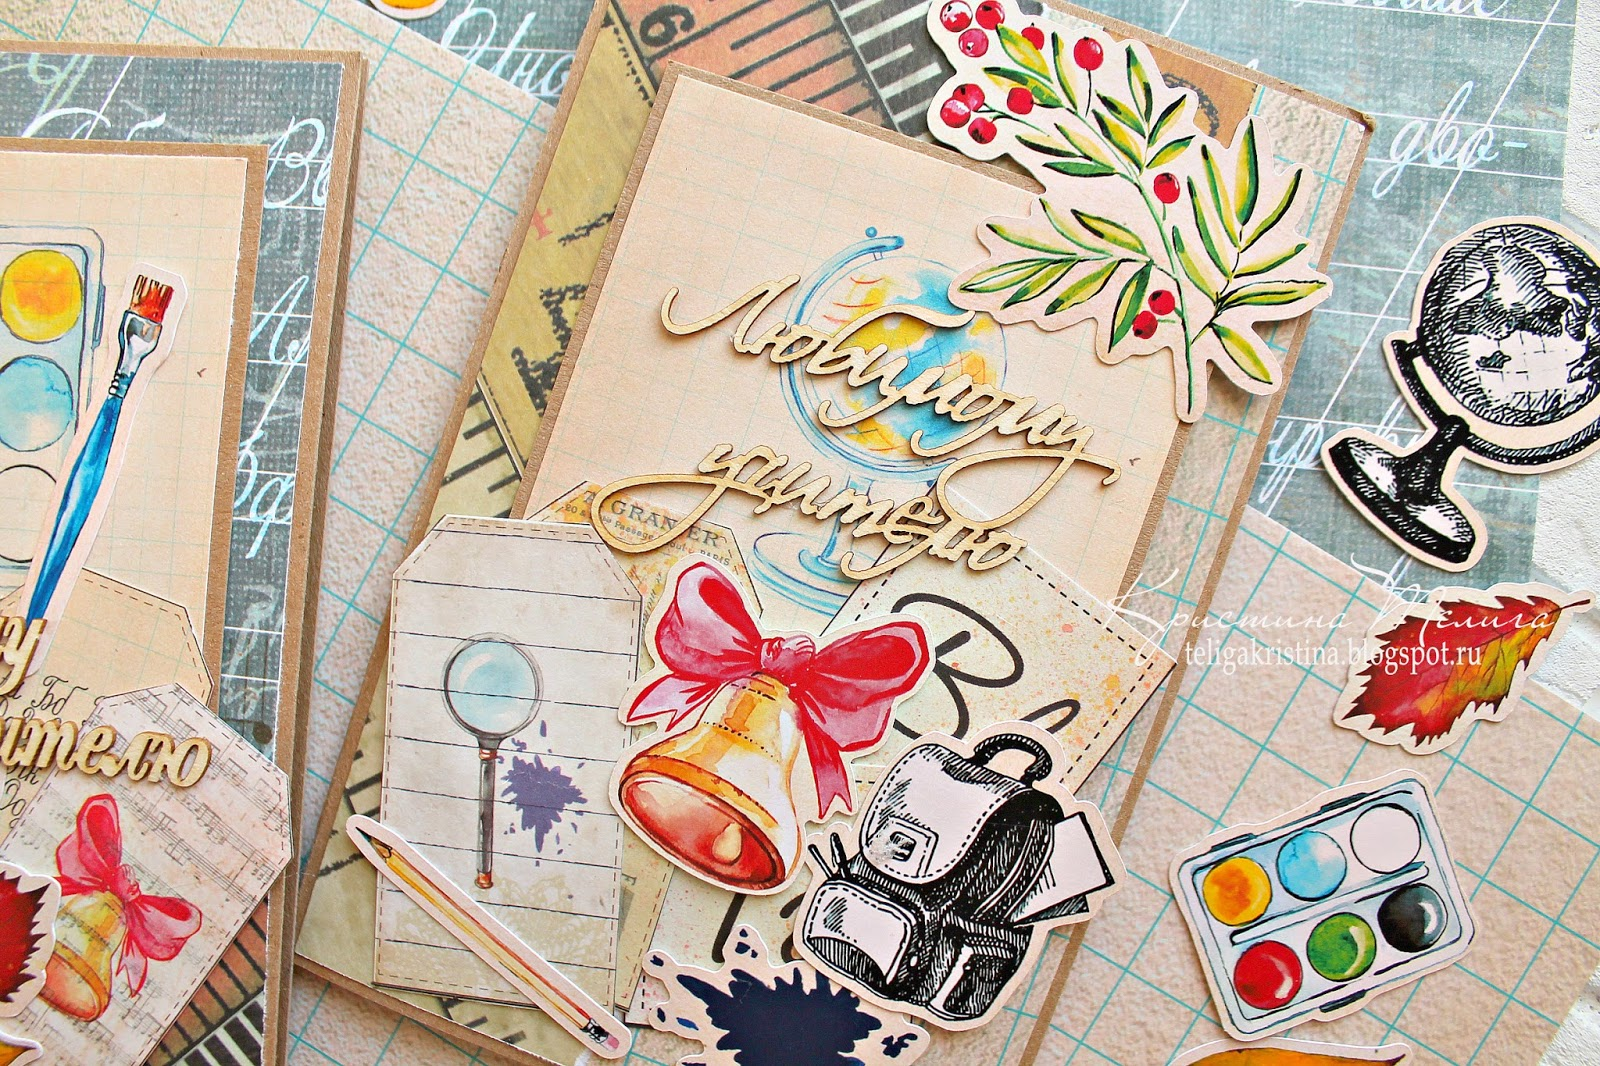 Тему, мини открытки для учителей рисунок